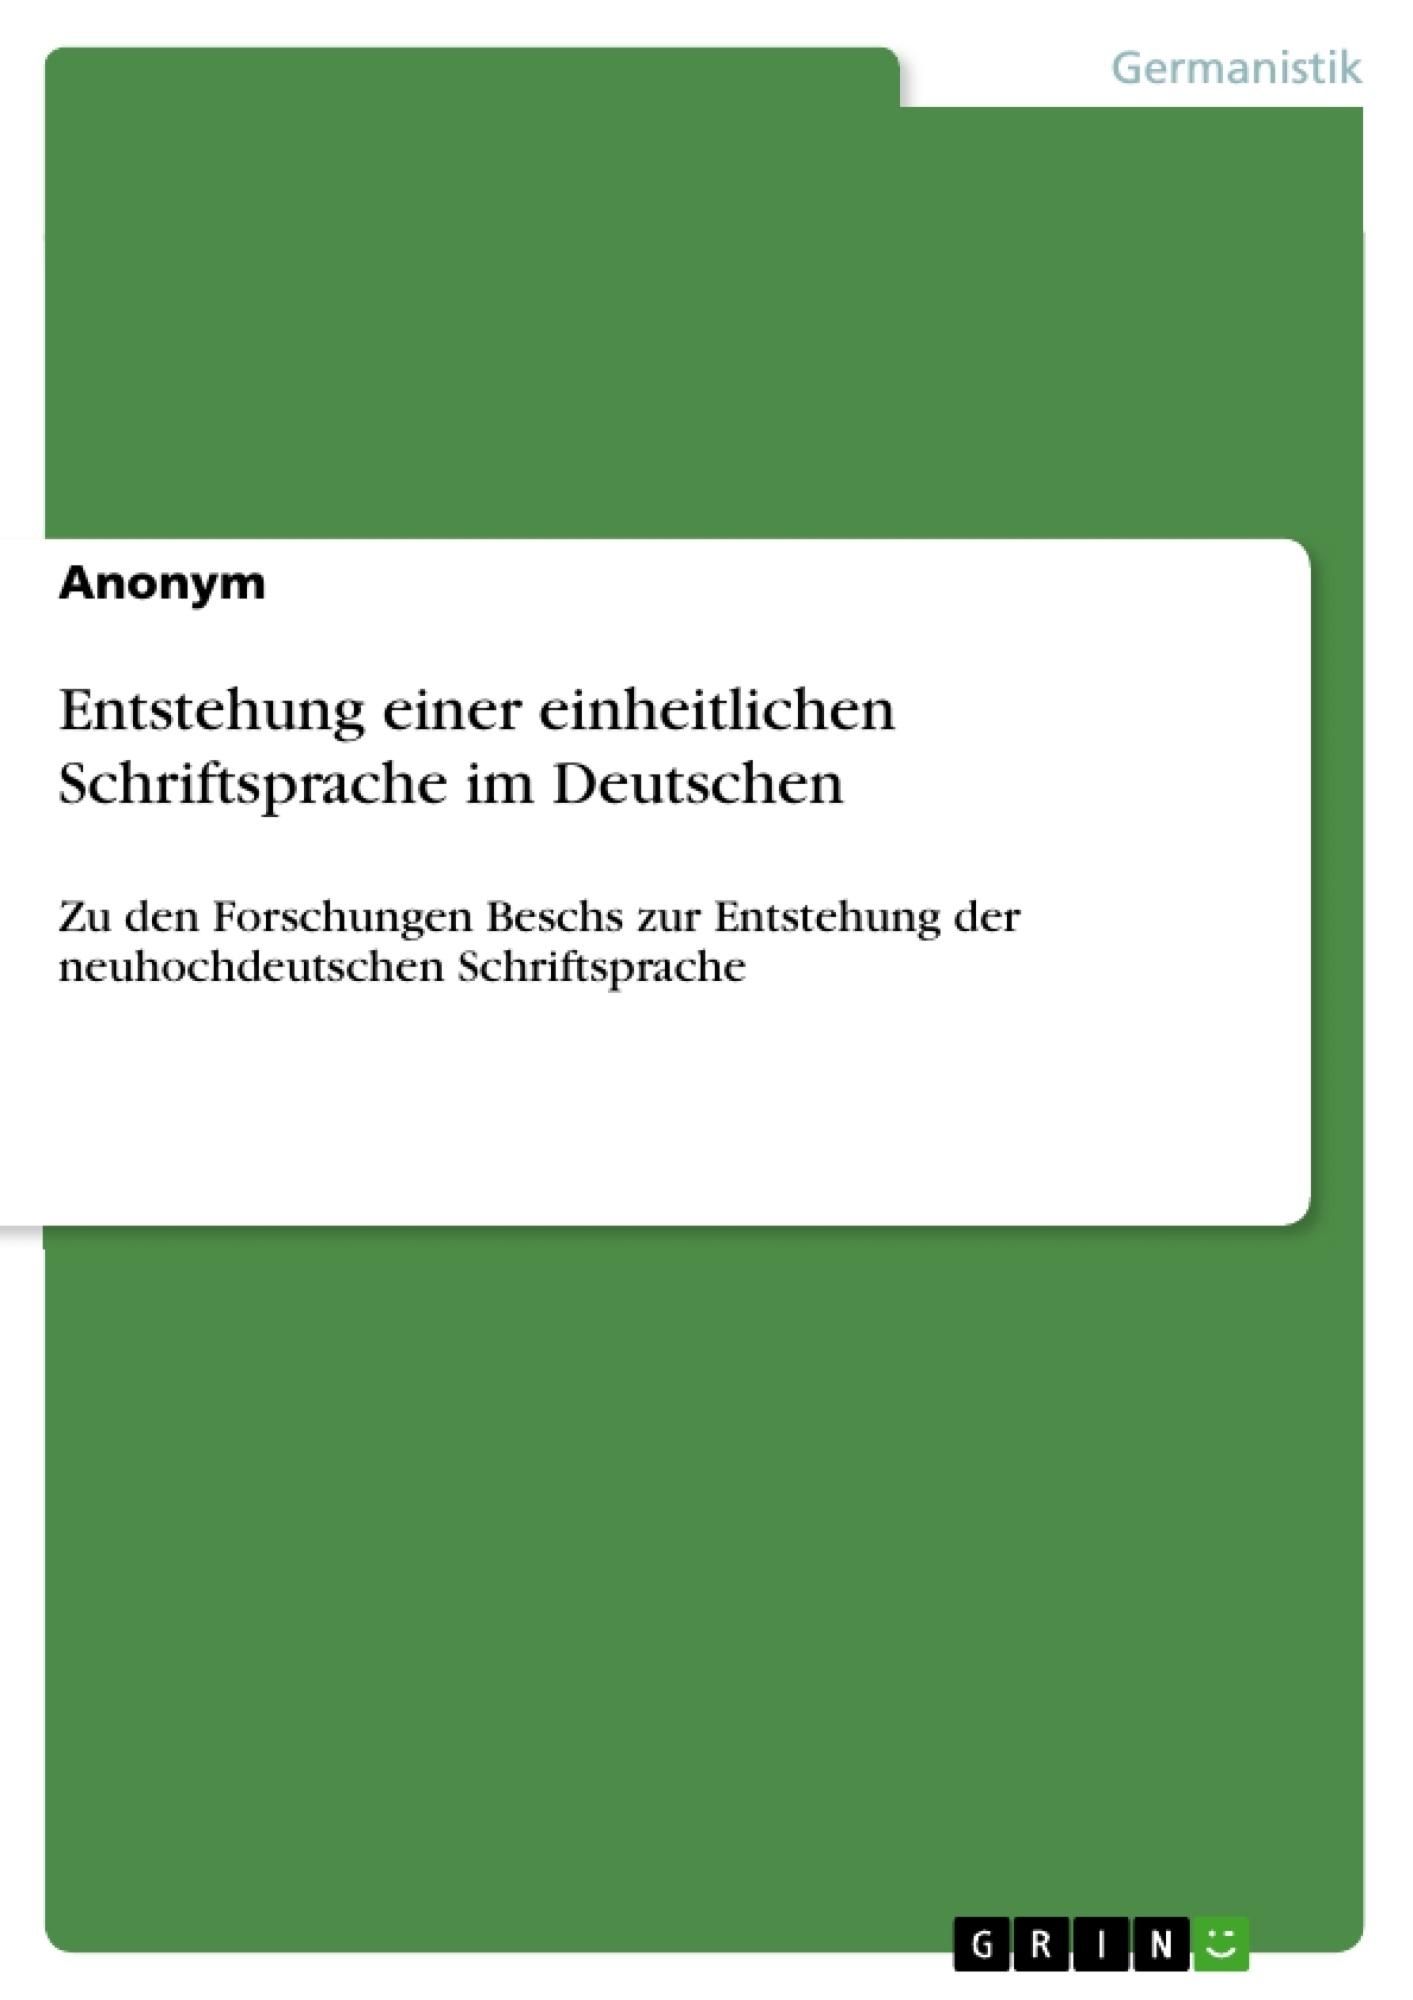 Titel: Entstehung einer einheitlichen Schriftsprache im Deutschen